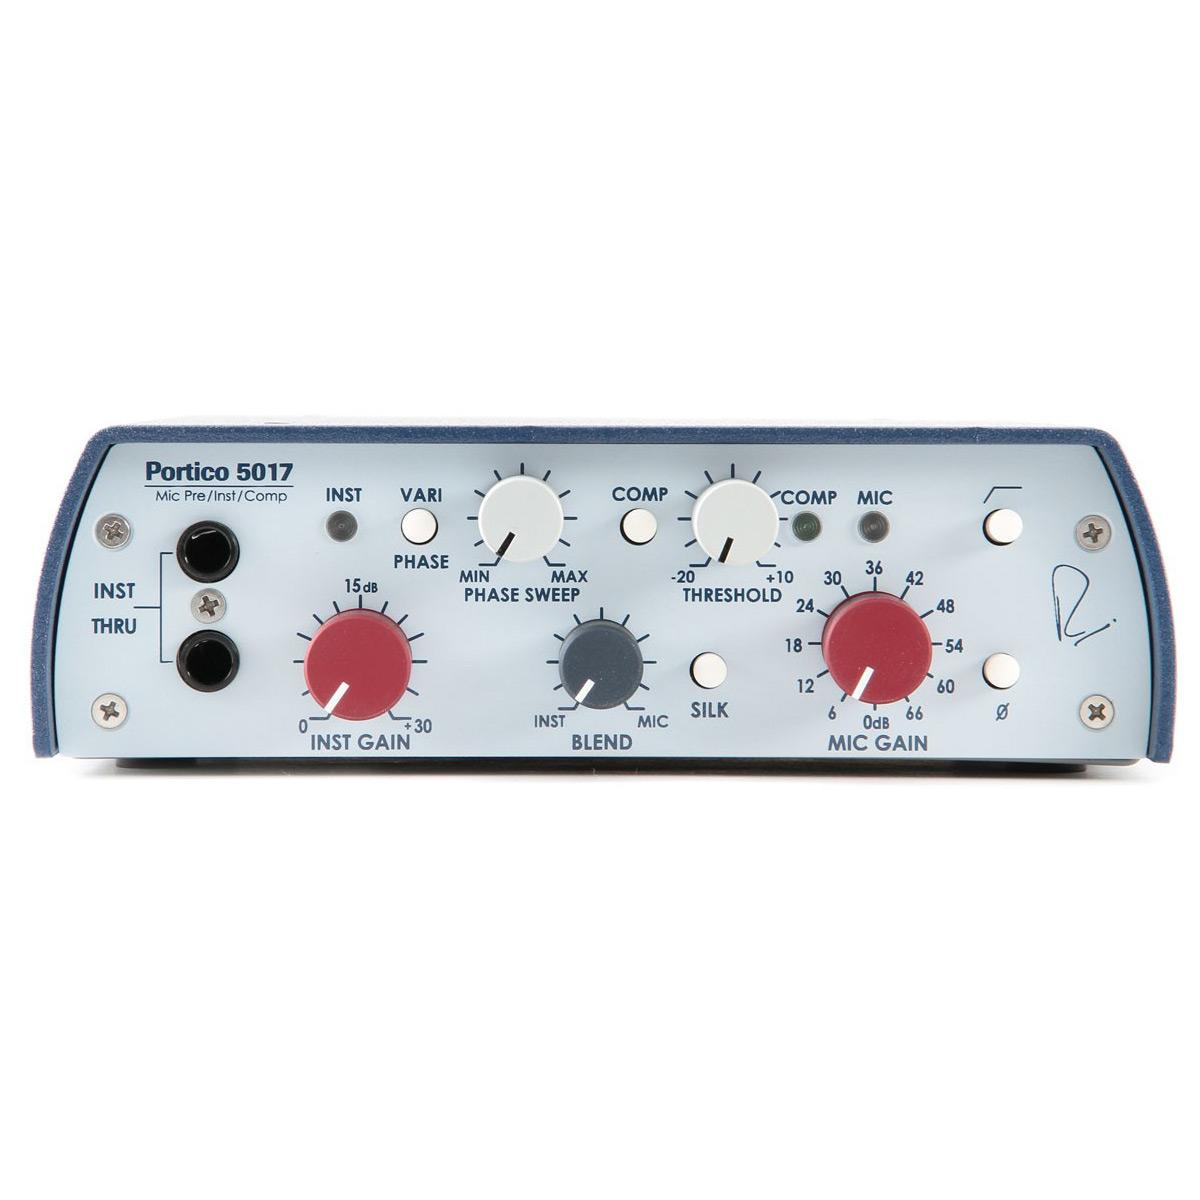 Rupert Neve Portico5017 5012尼夫话放话筒放大器带DI压缩通道条